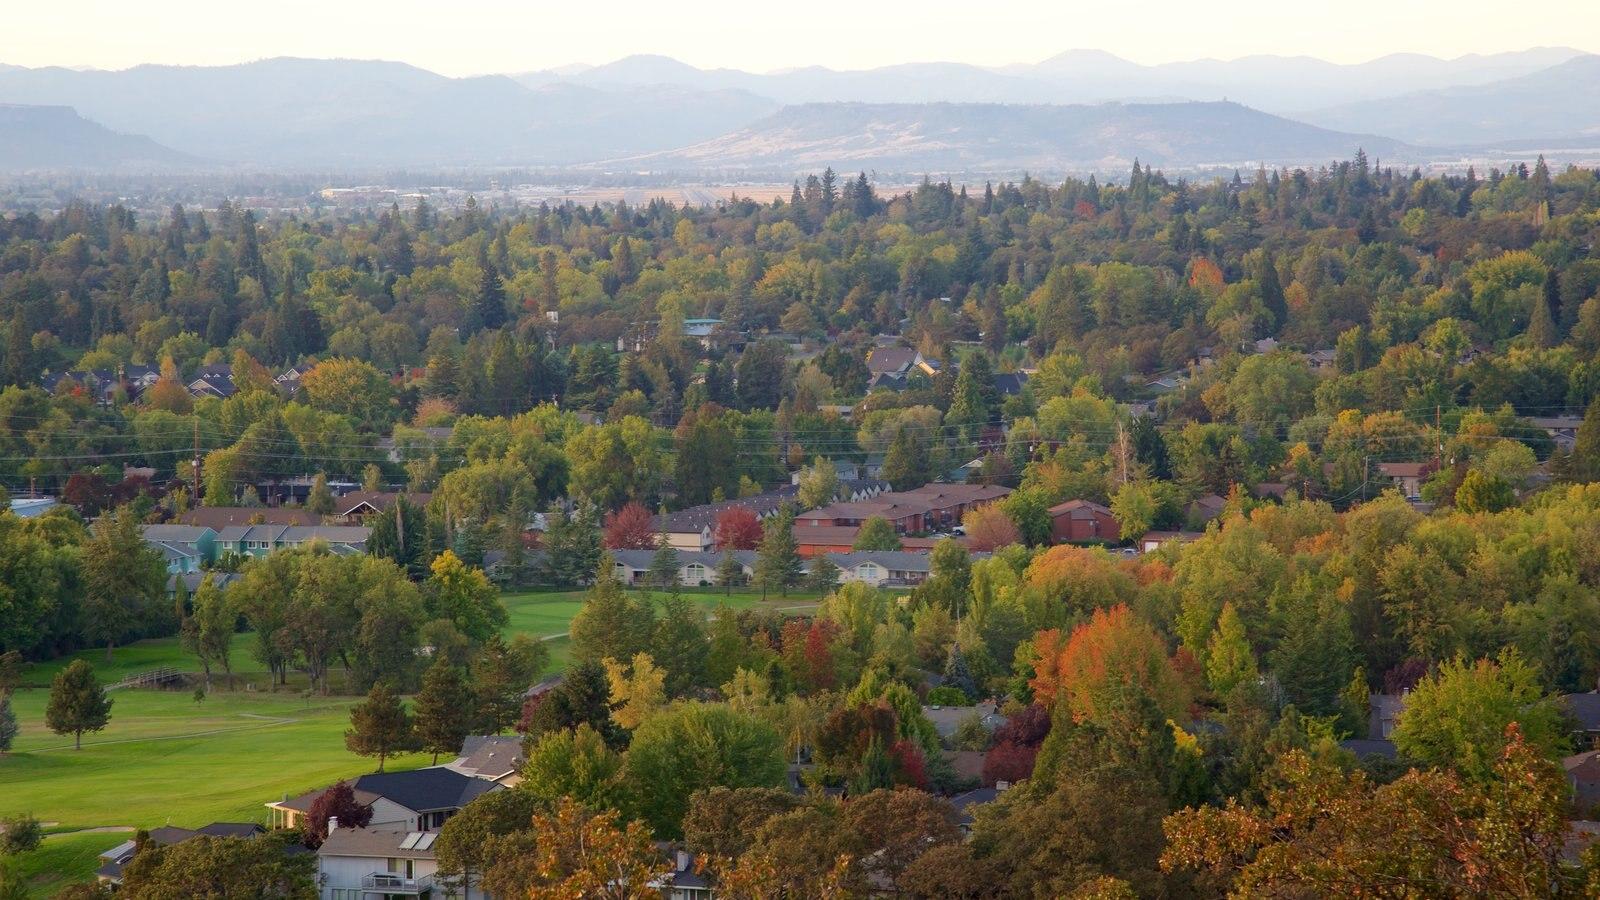 Oregón ofreciendo vistas de paisajes y los colores del otoño